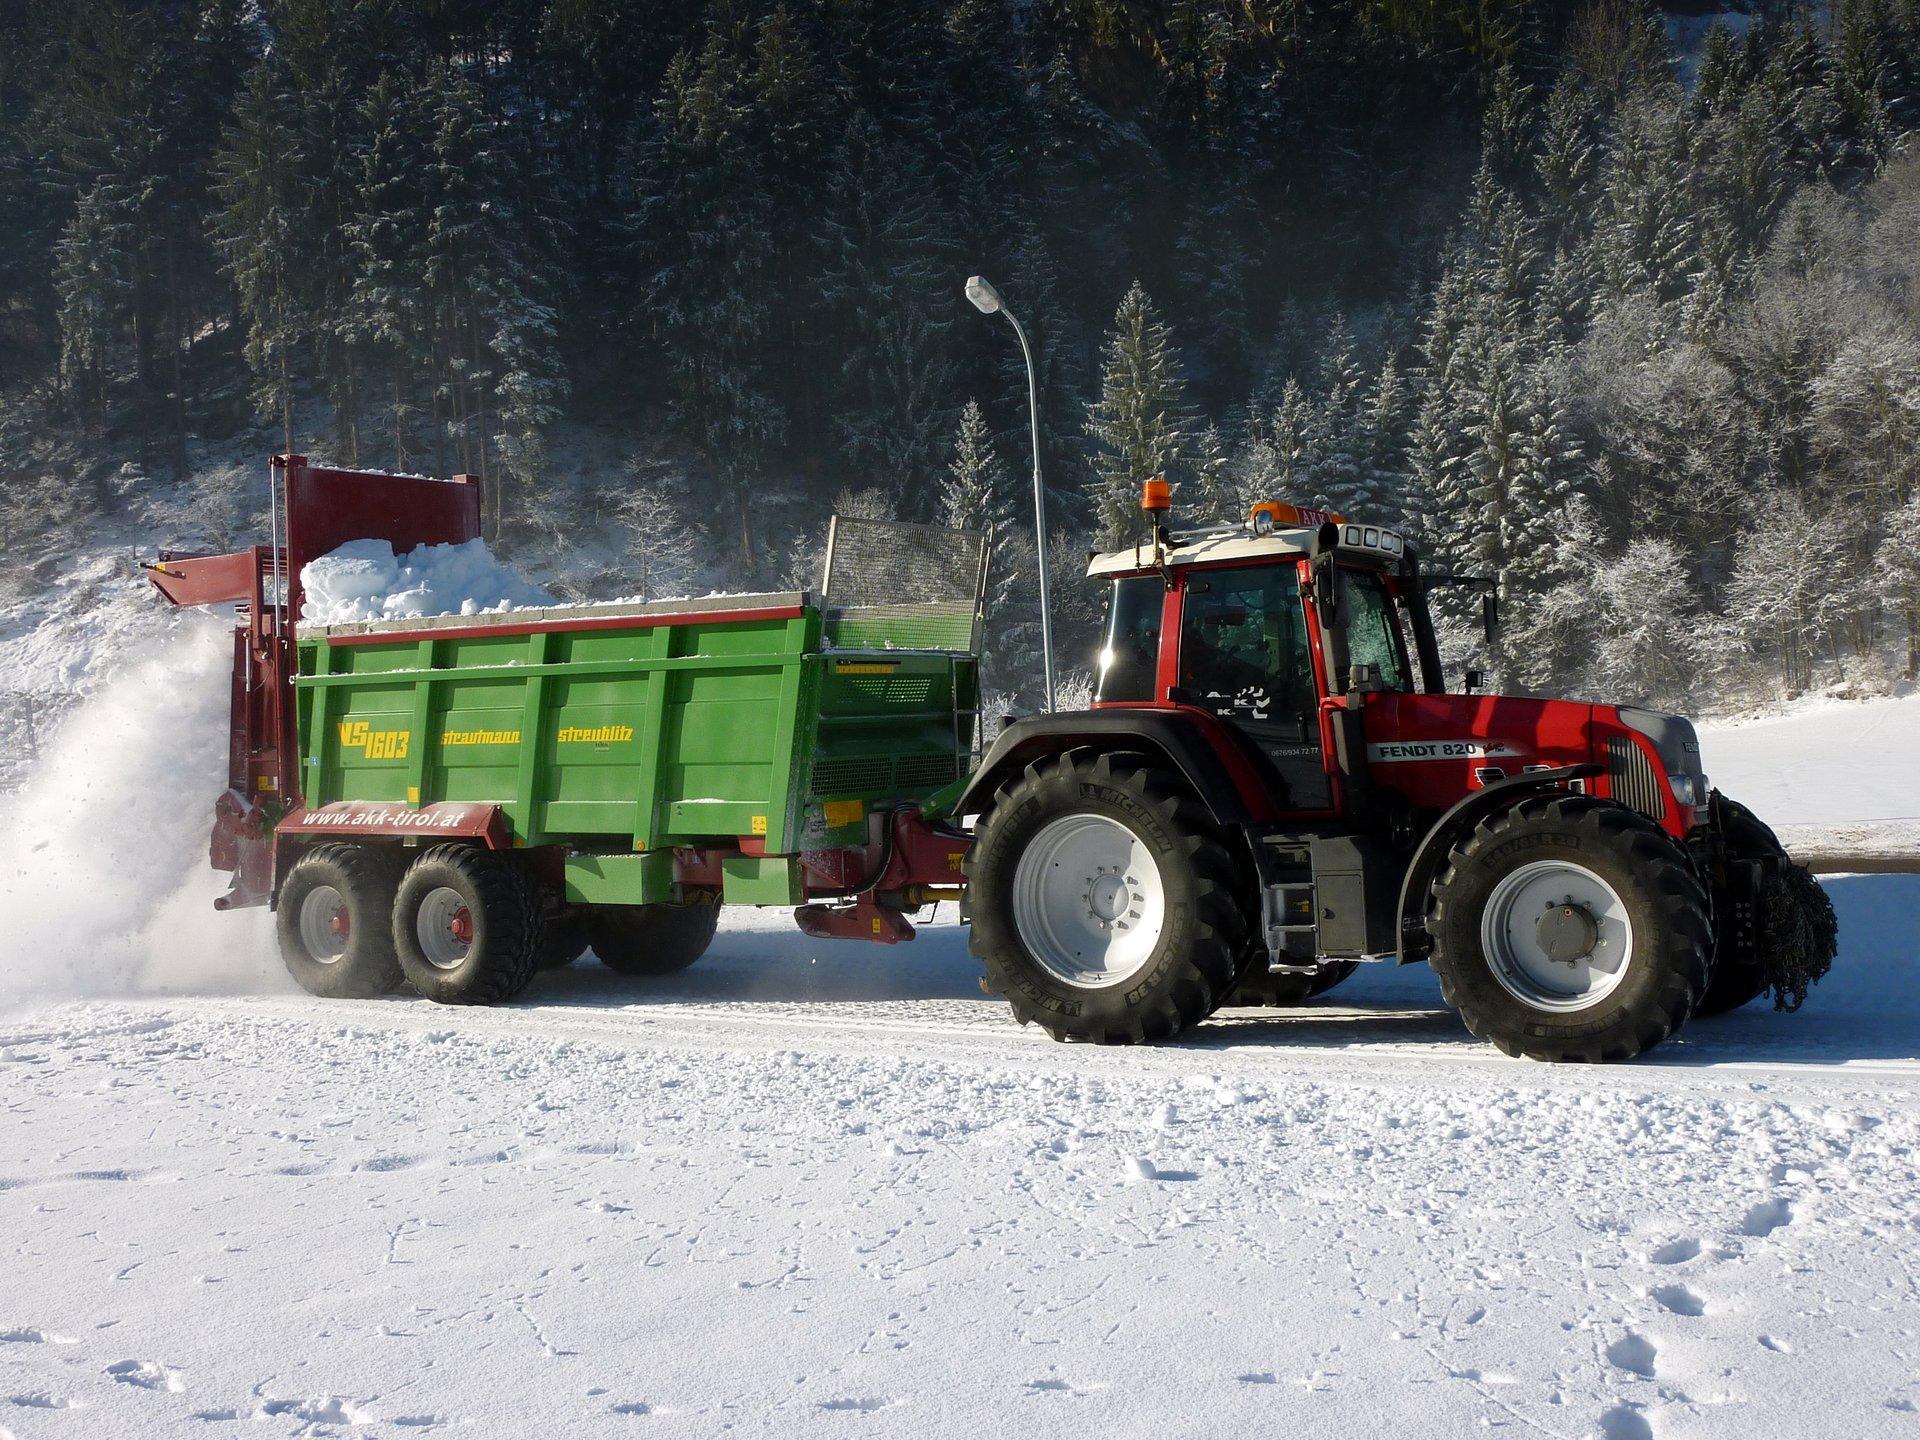 Fendt 820 mit Strautmann Streublitz bei der Loipenbeschneiung.